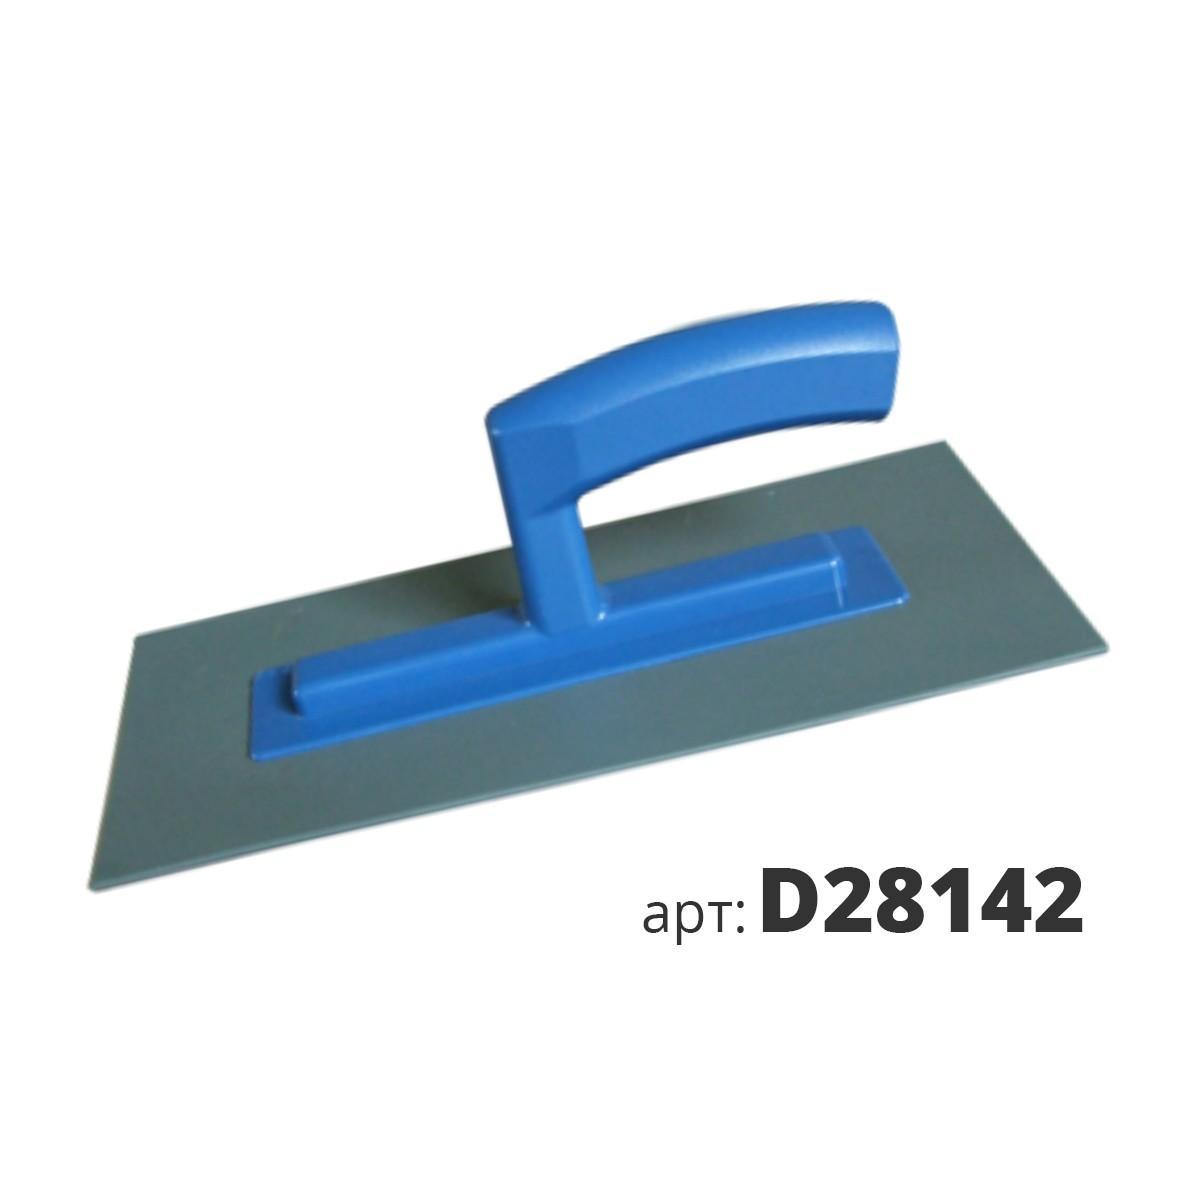 Кельма пластиковая прямоугольная D28142